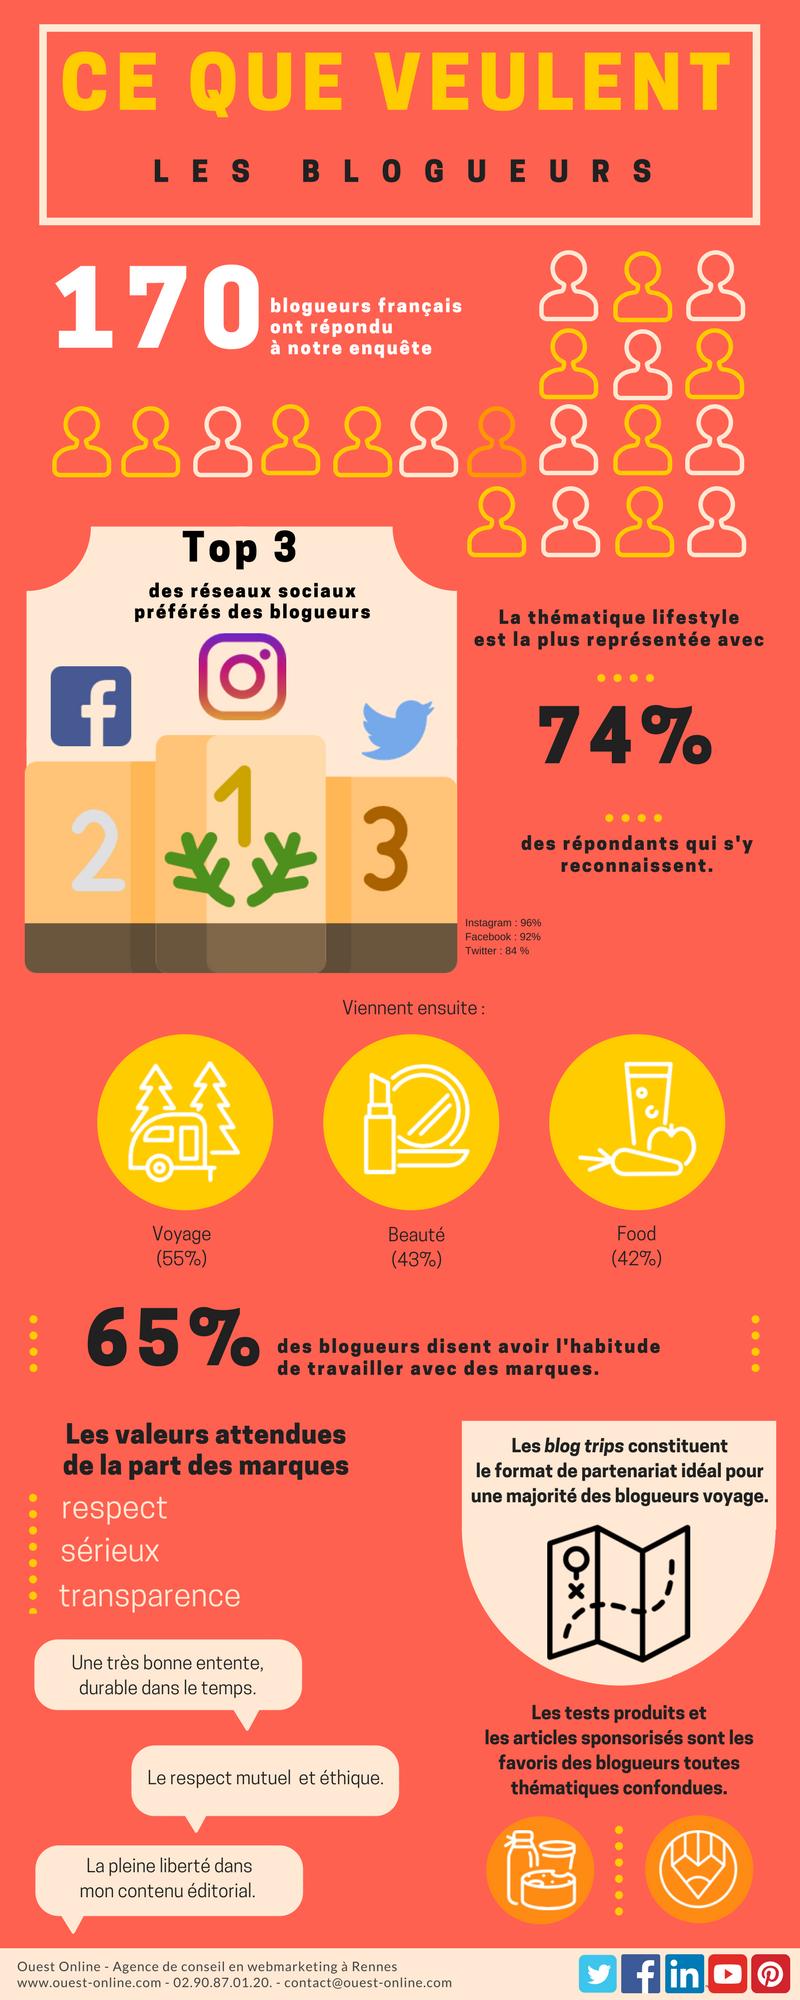 Infographie - Ce que veulent les blogueurs. Chiffres Etude Ouest Online Webmarketing - Influenceurs